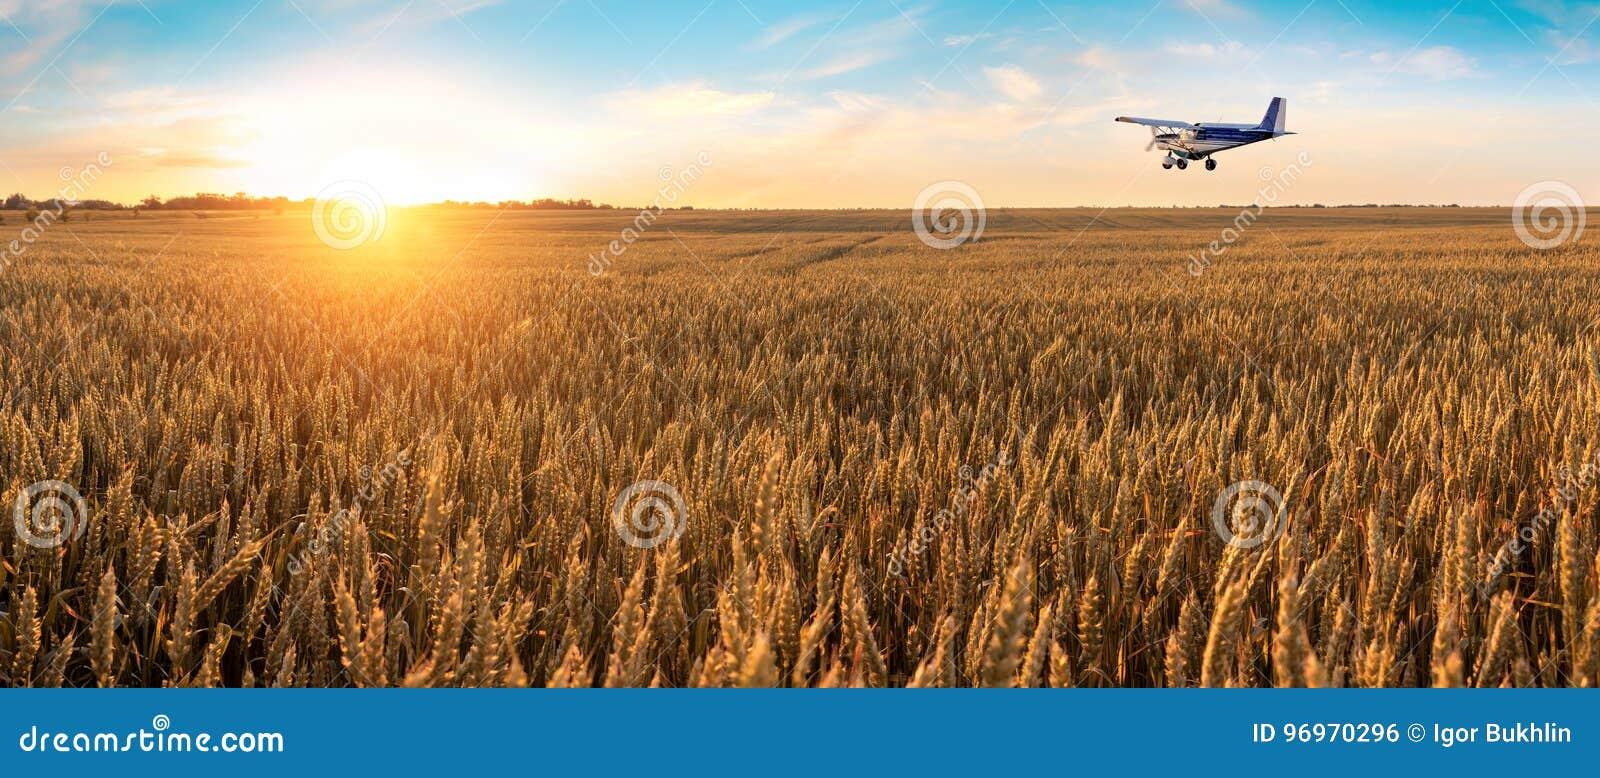 Samolotowy latanie nad pszeniczny pole złoty niebieskie niebo z malowniczymi chmurami i Lato piękny krajobraz